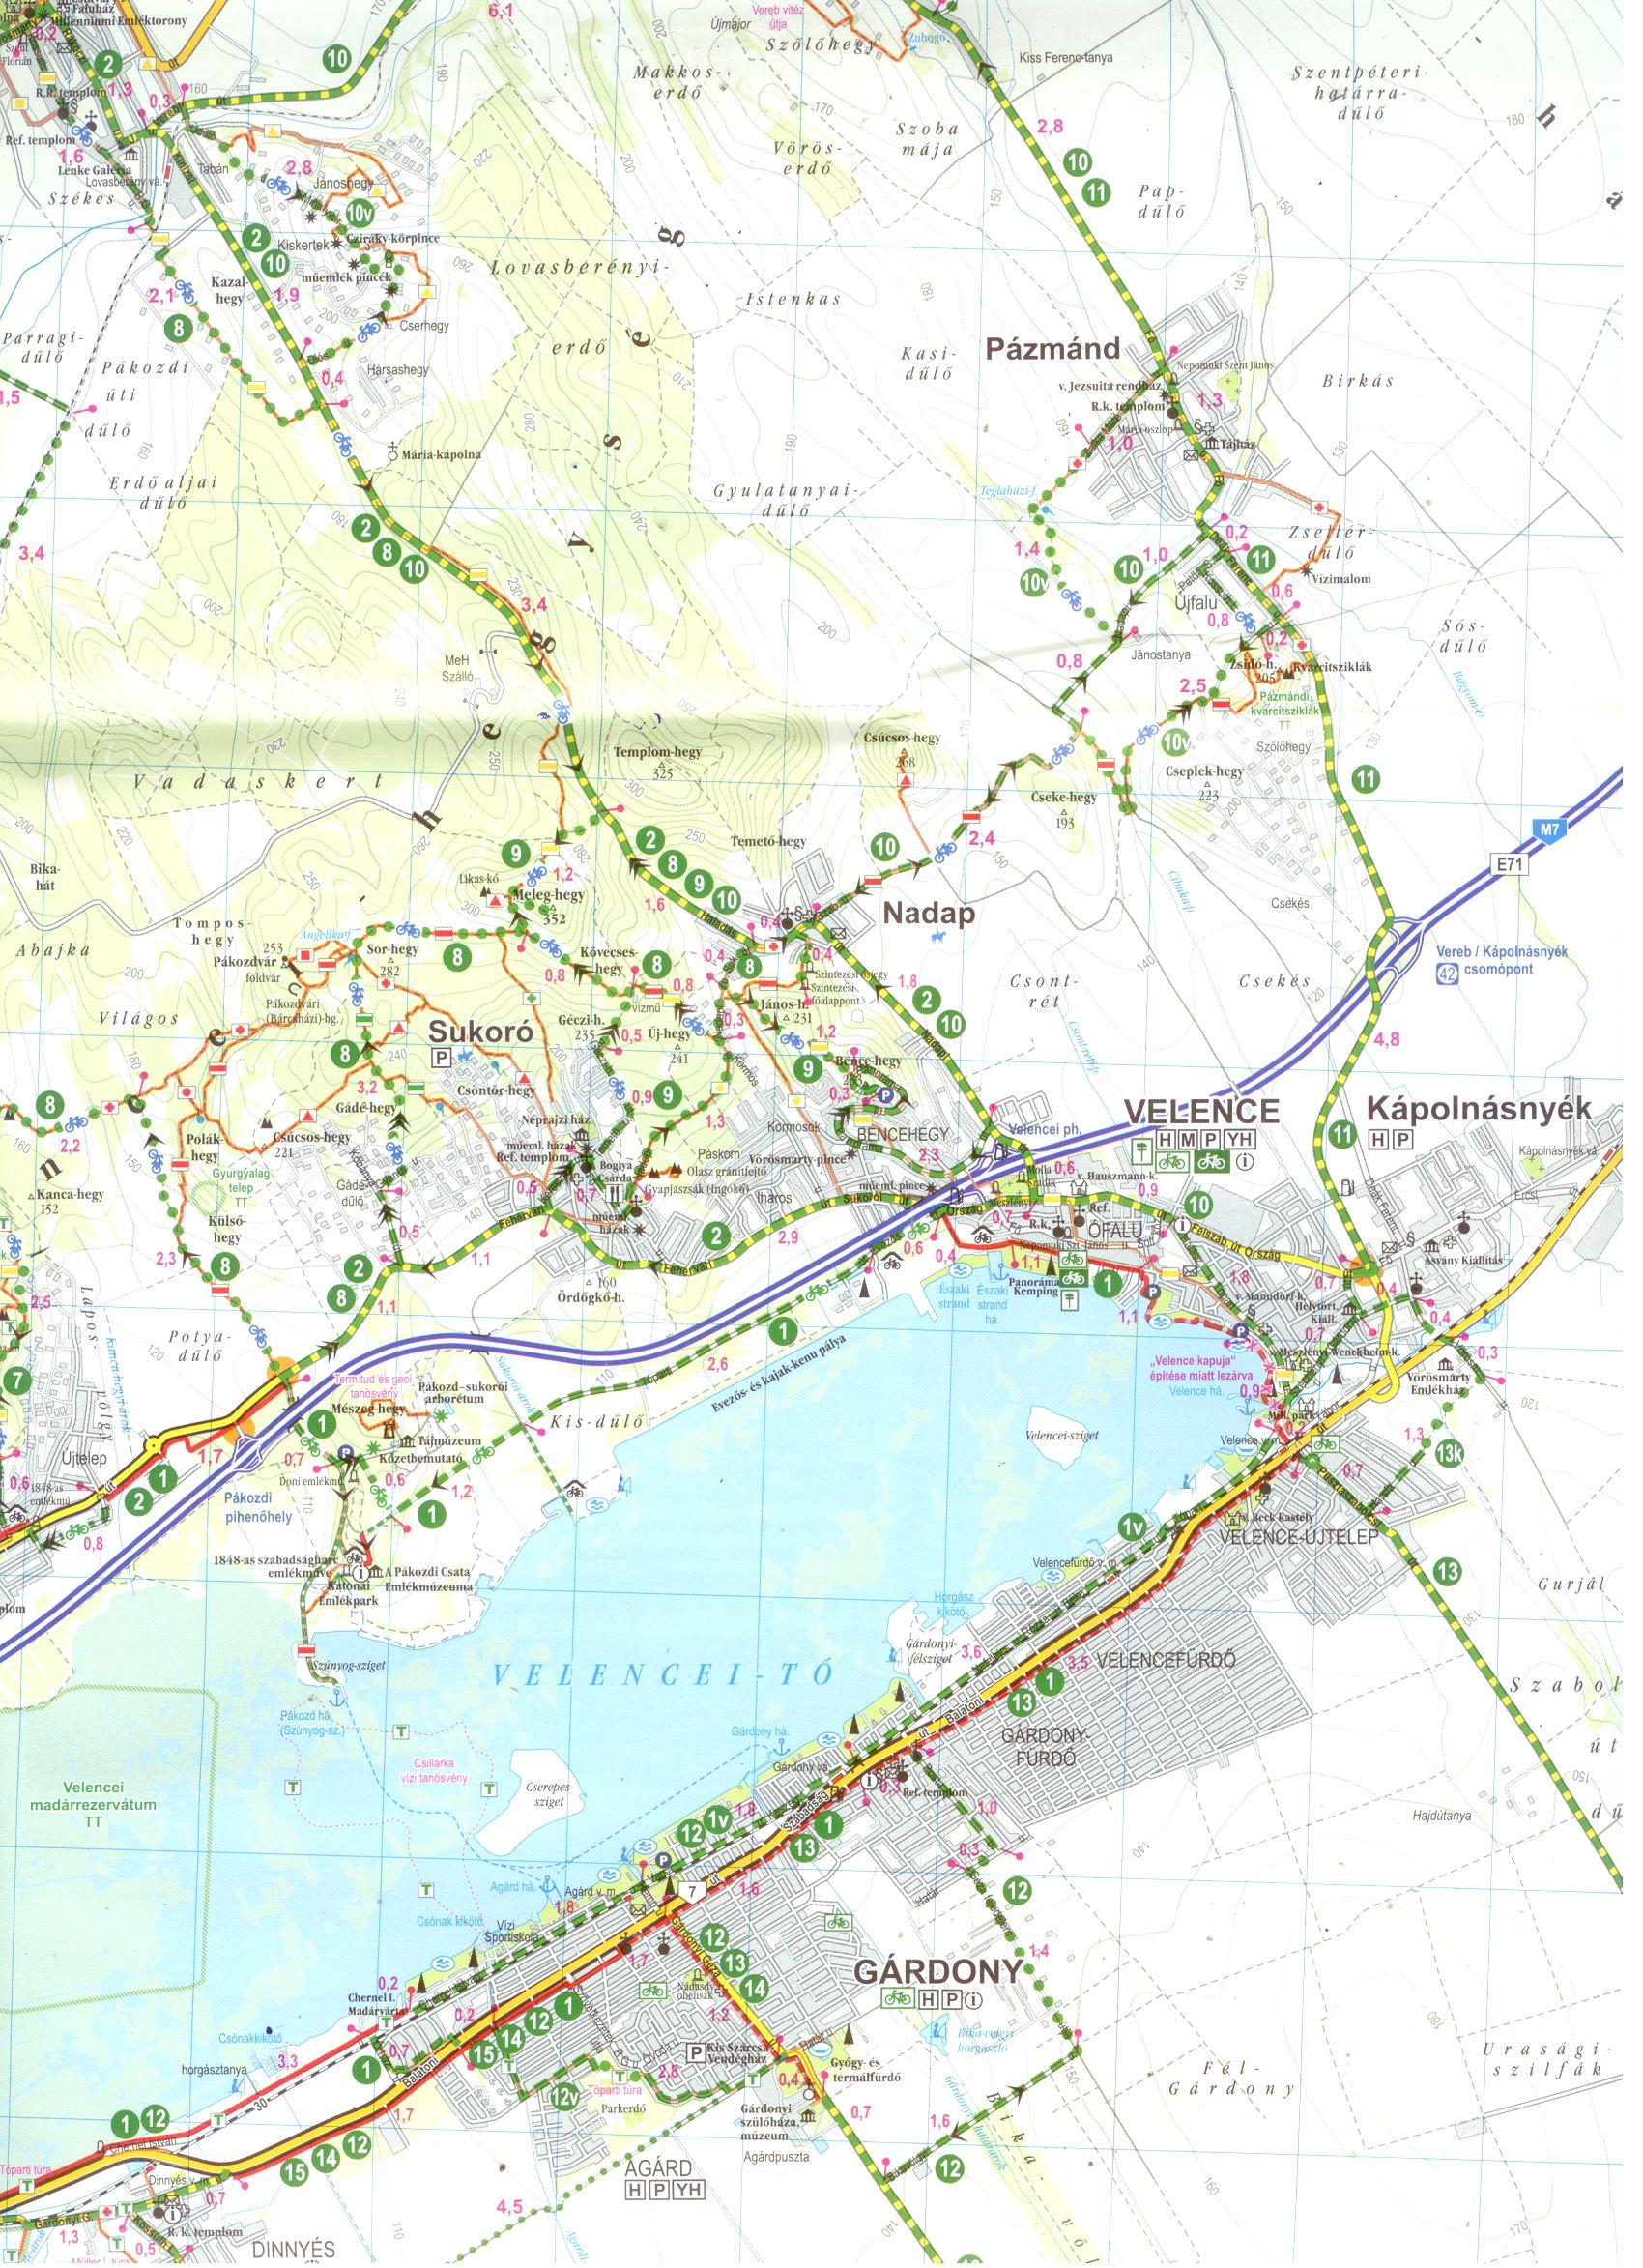 Velencei-tó biciklis térkép minta